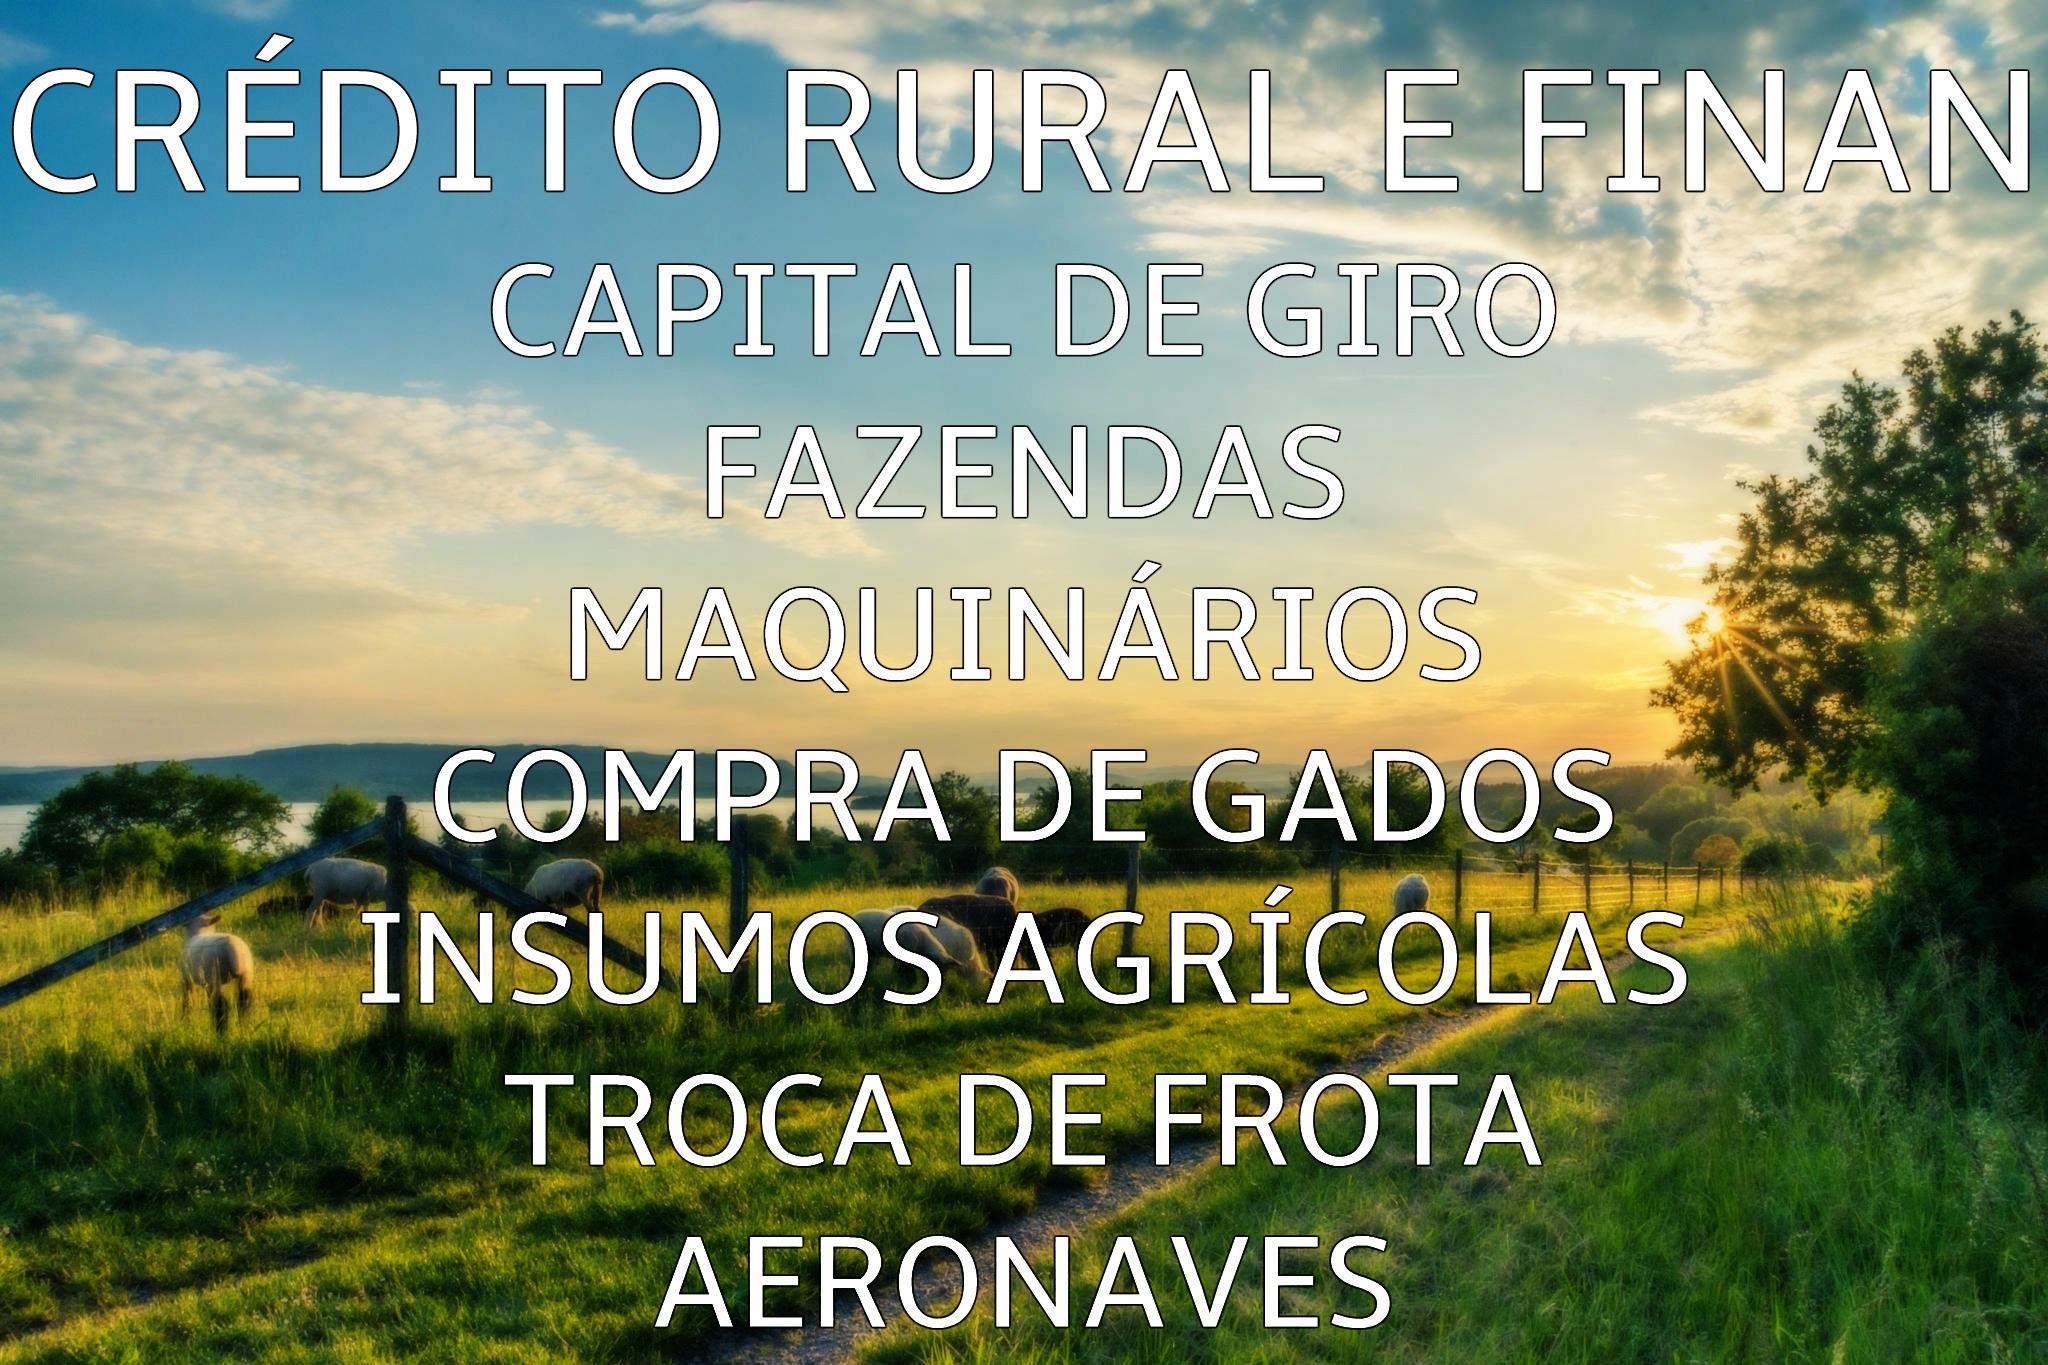 CRÉDITO RURAL E FINAN